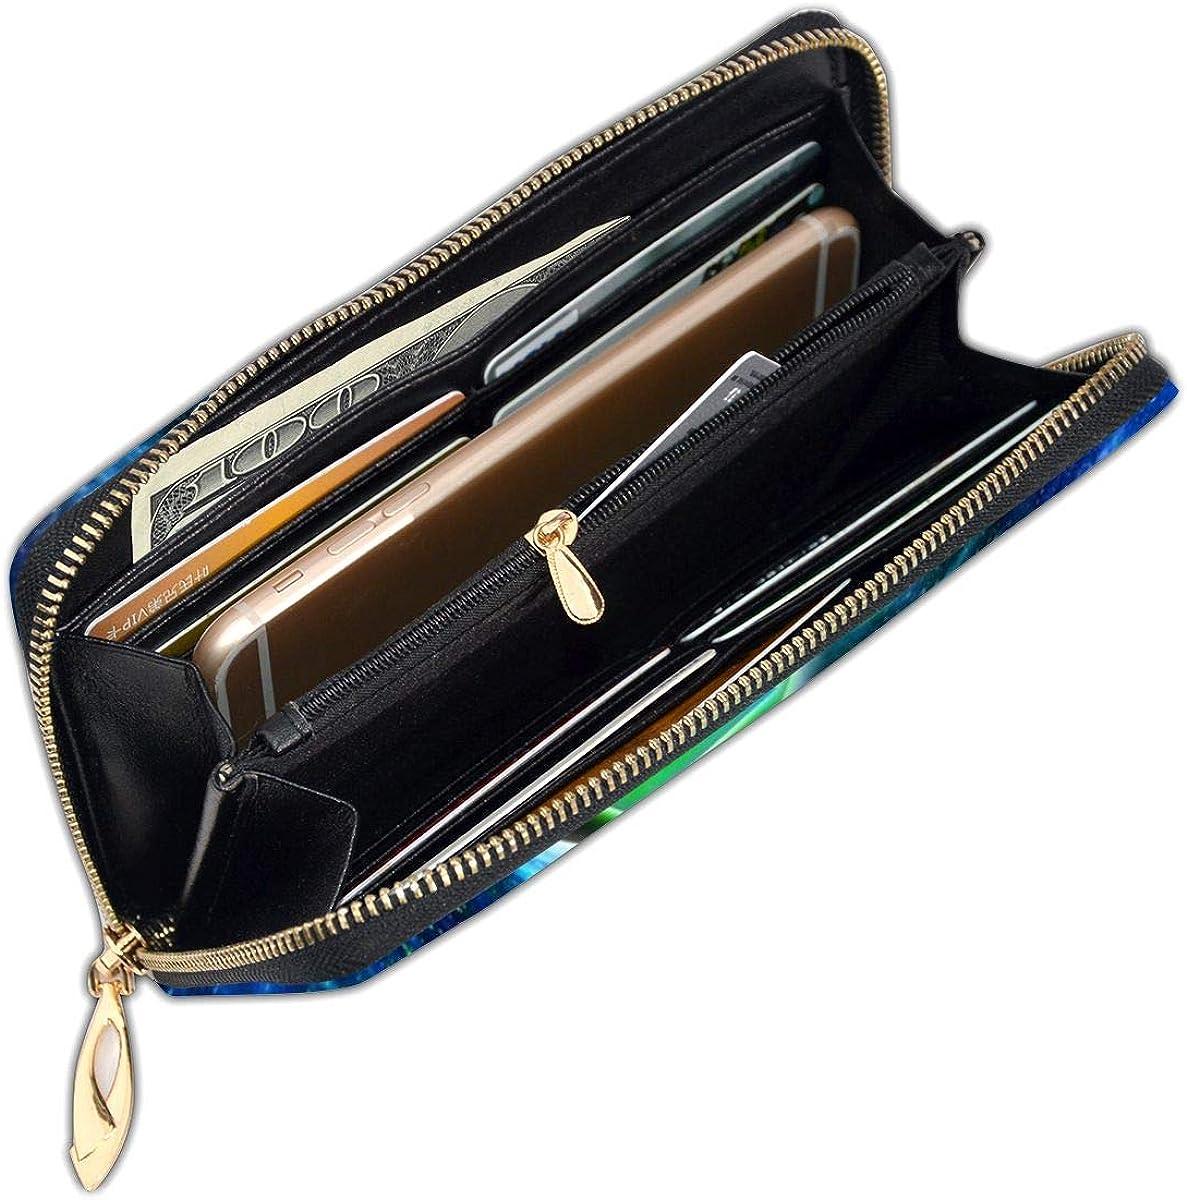 Women Genuine Leather Wallets Wild Animals Lion Credit Card Holder Organizer Ladies Purse Zipper Around Clutch Cash Pocket